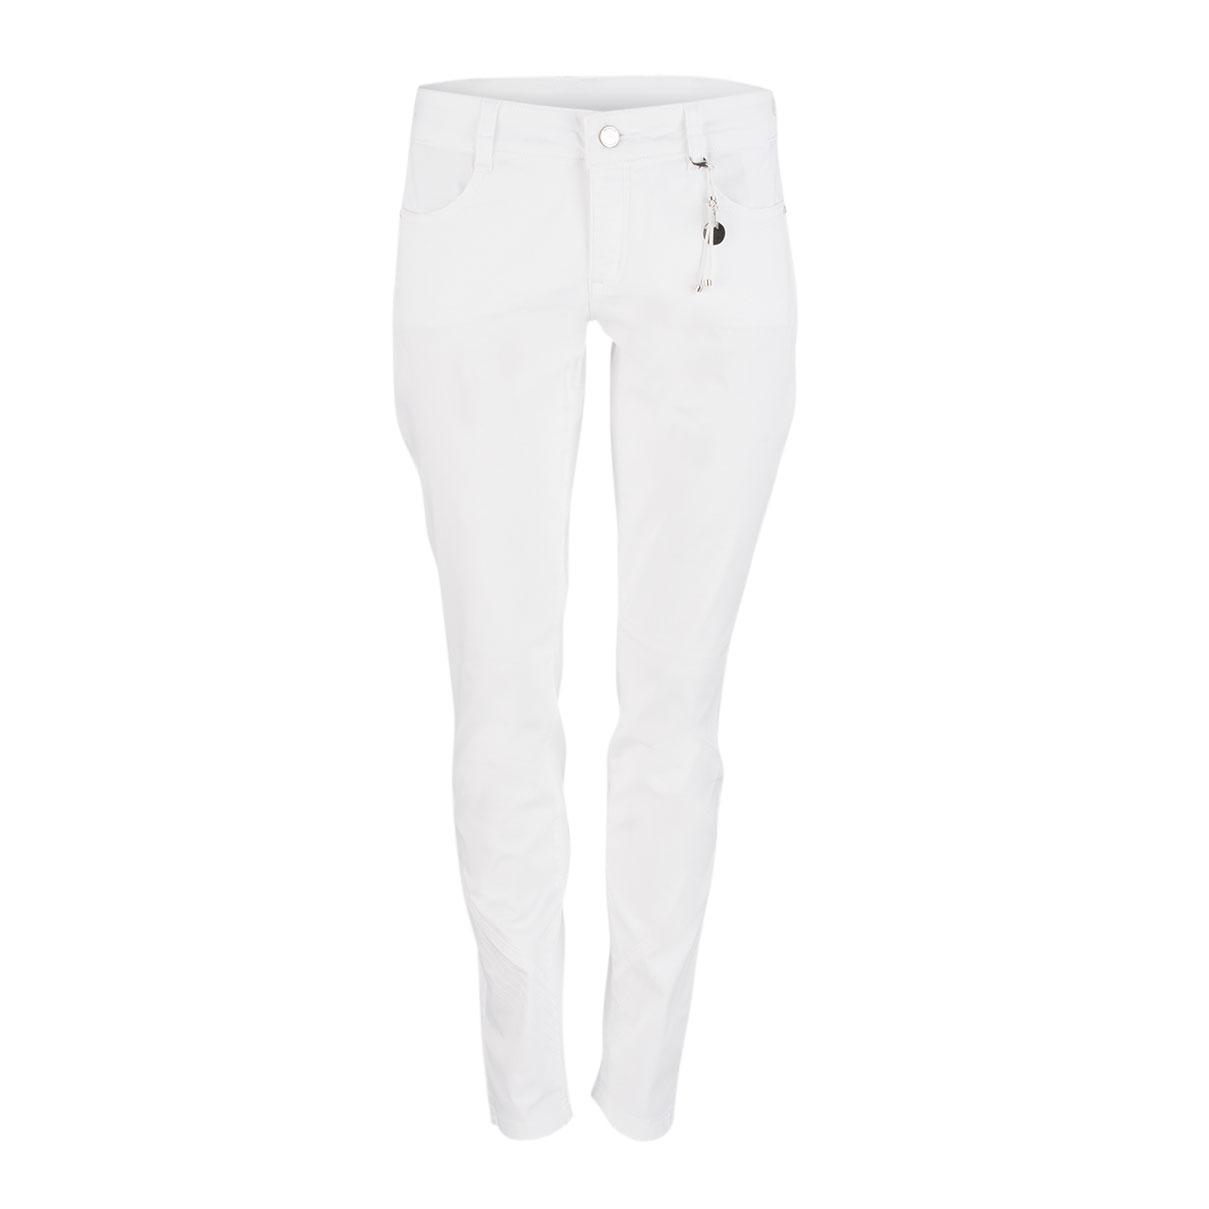 Hose - Doyle - Slim Fit - 4 Pocket